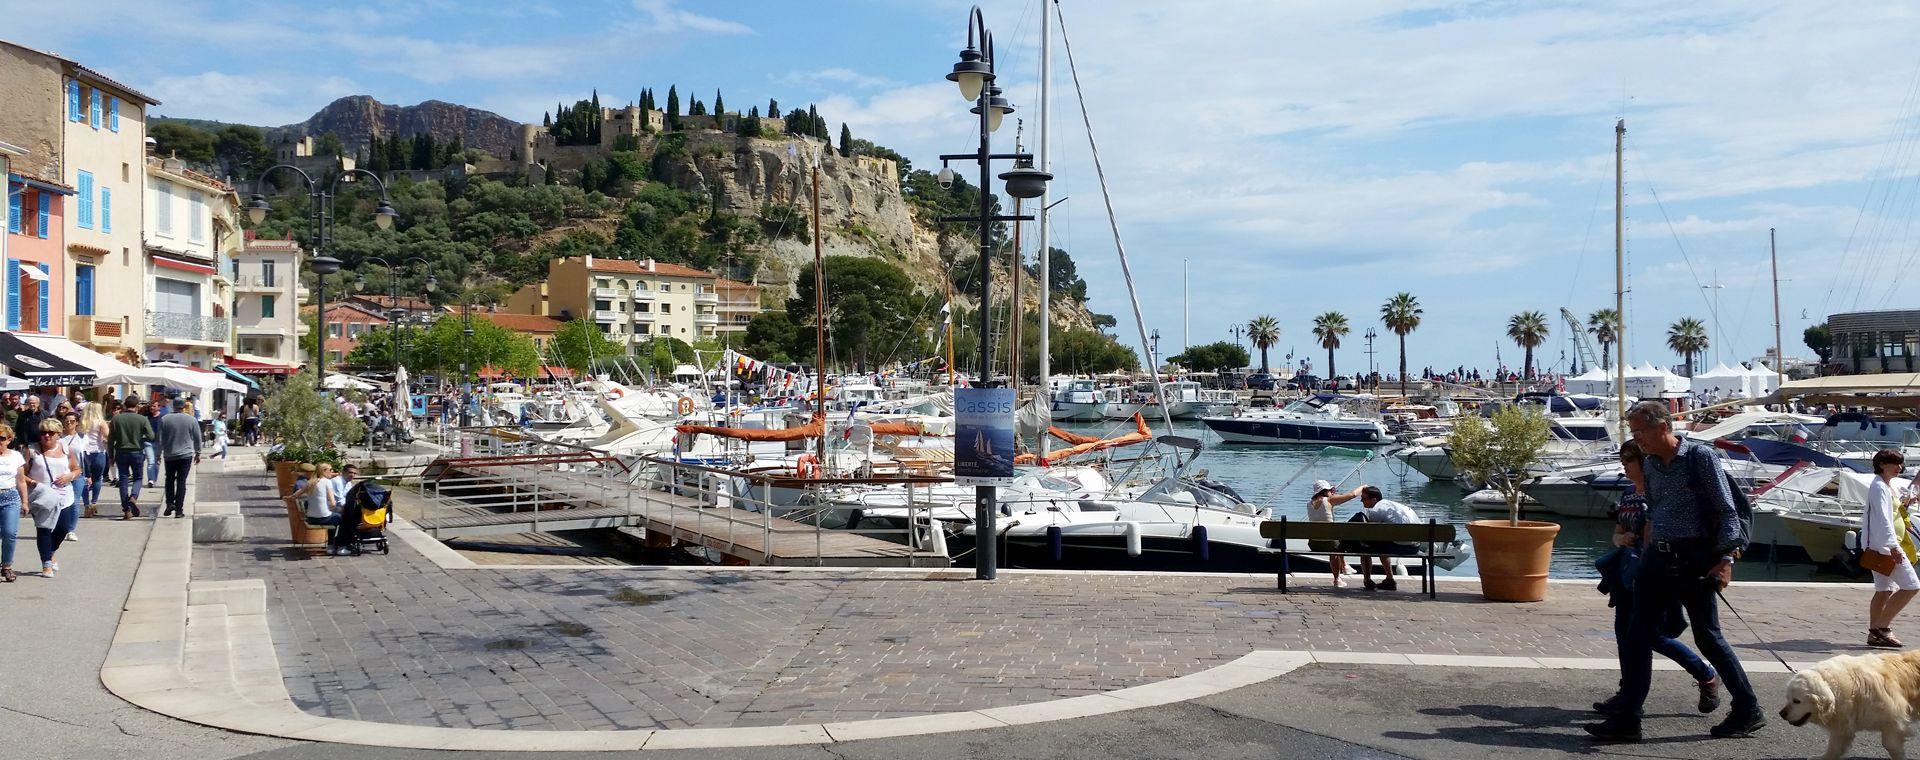 Image Les Calanques, de Marseille à Cassis